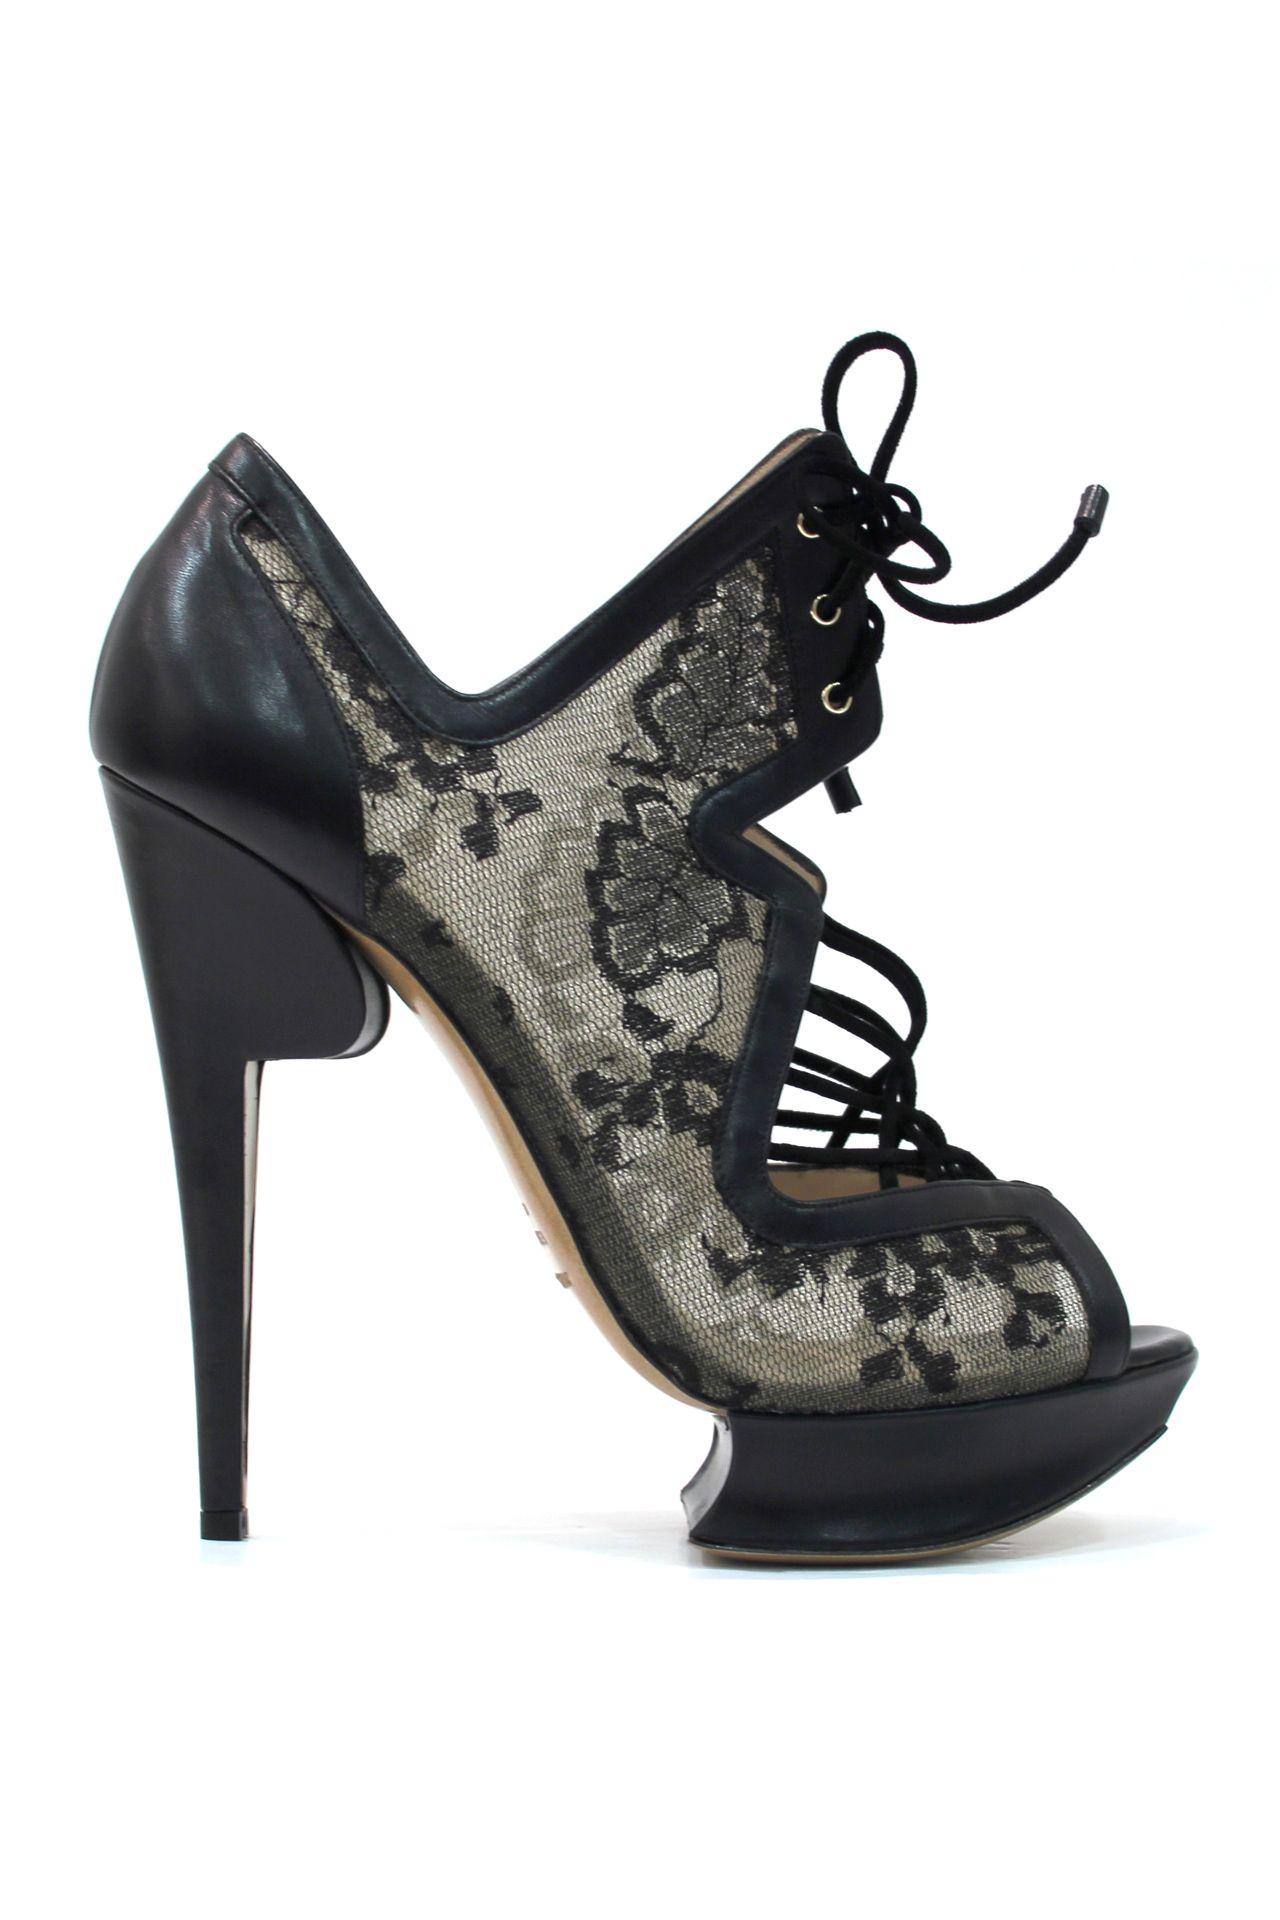 images Nicholas Kirkwood Shoes for Victoria's Secret Fashion Show 2012-2013